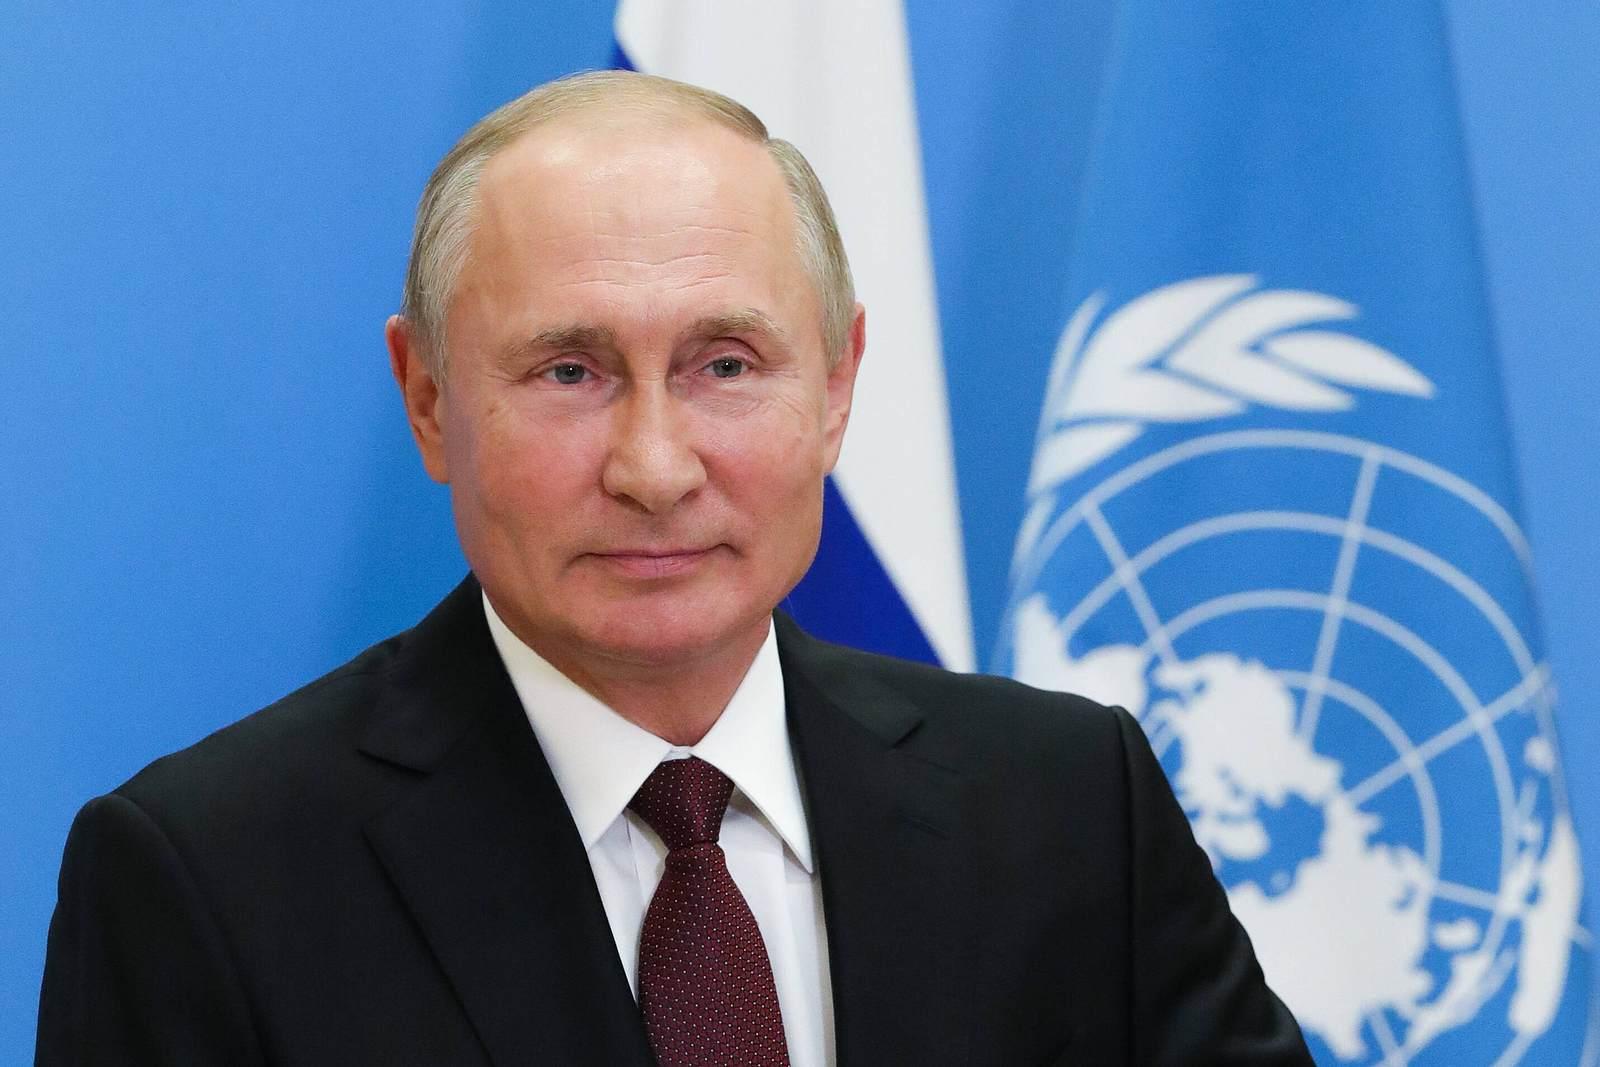 Wladmir Putin für Friedensnobelpreis nominiert – aber nicht nur er